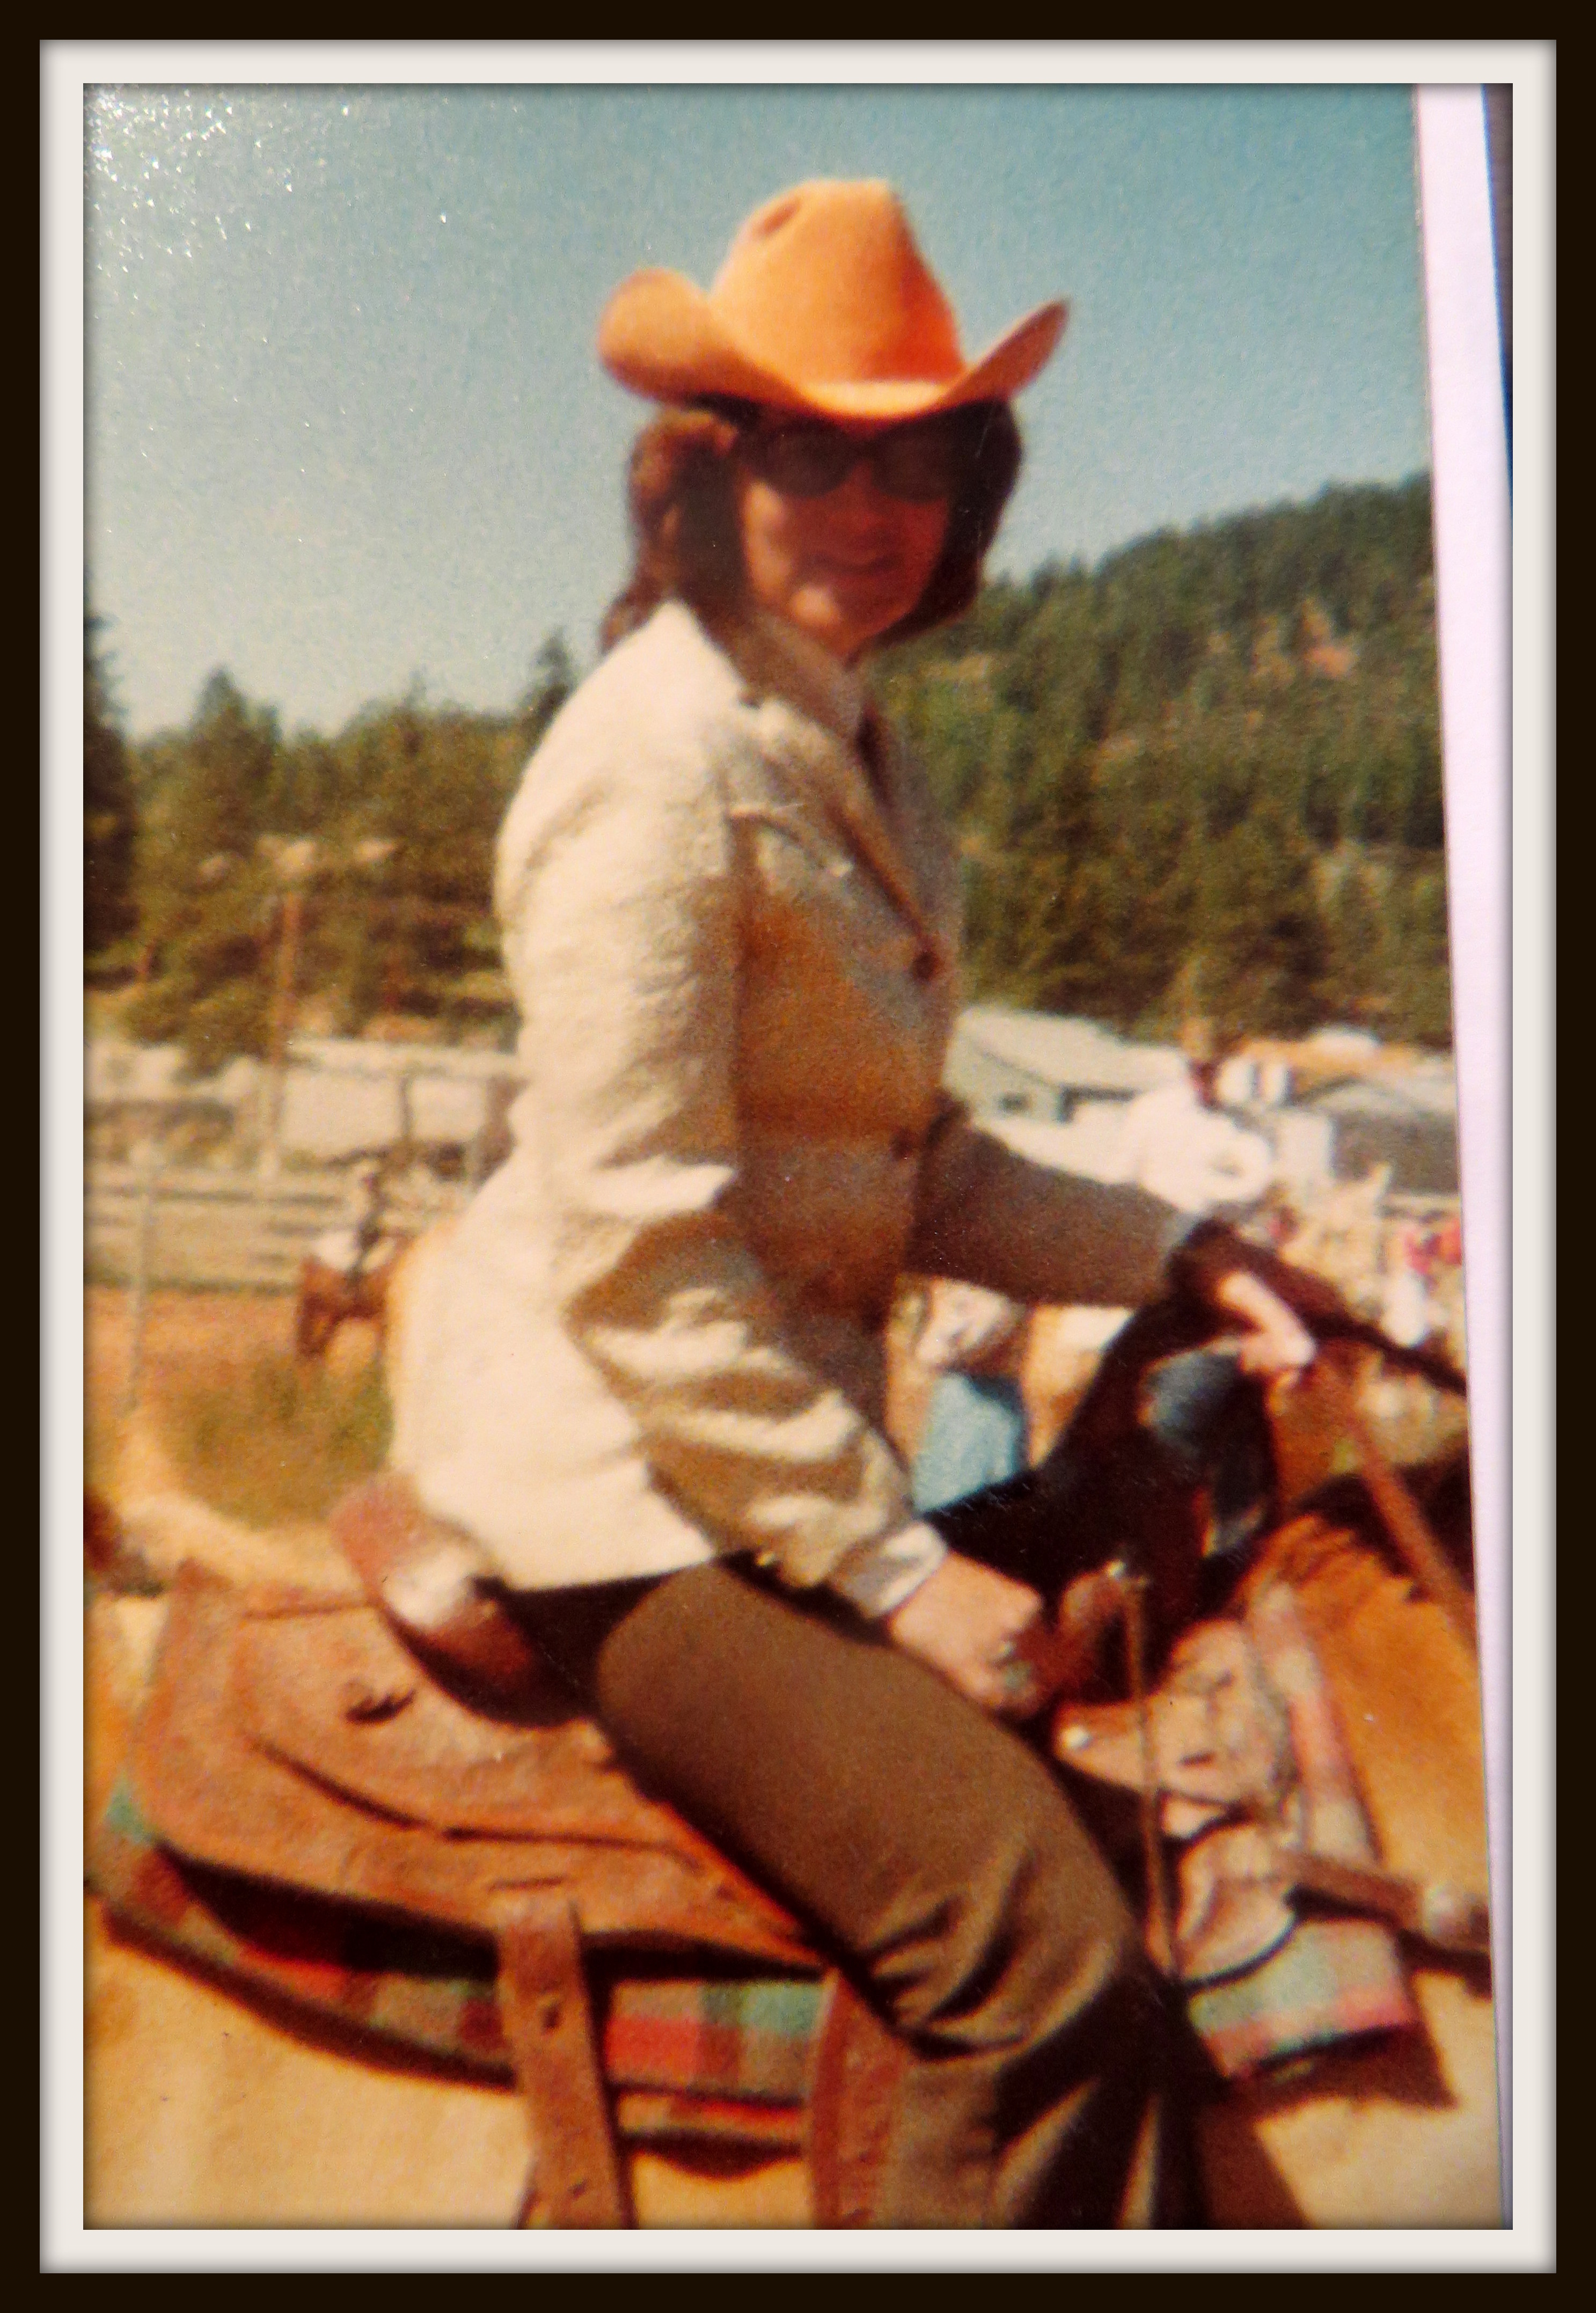 q 1965, Candy Tillman